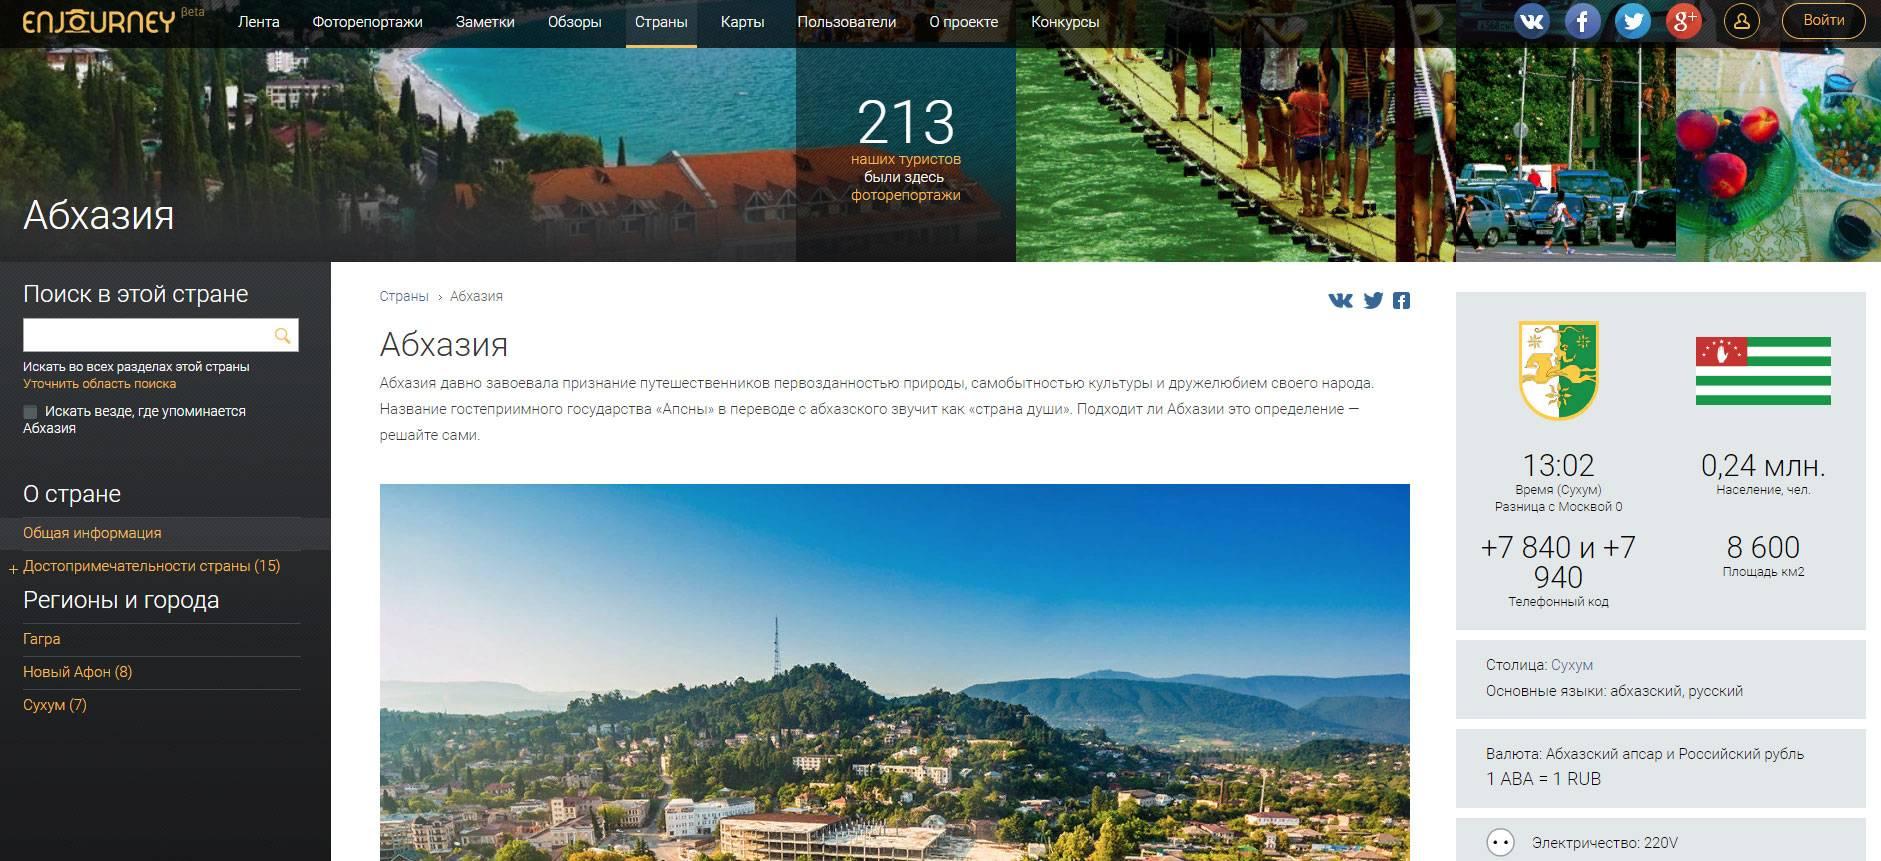 Социальная сеть для путешественников Enjourney - Stone Forest